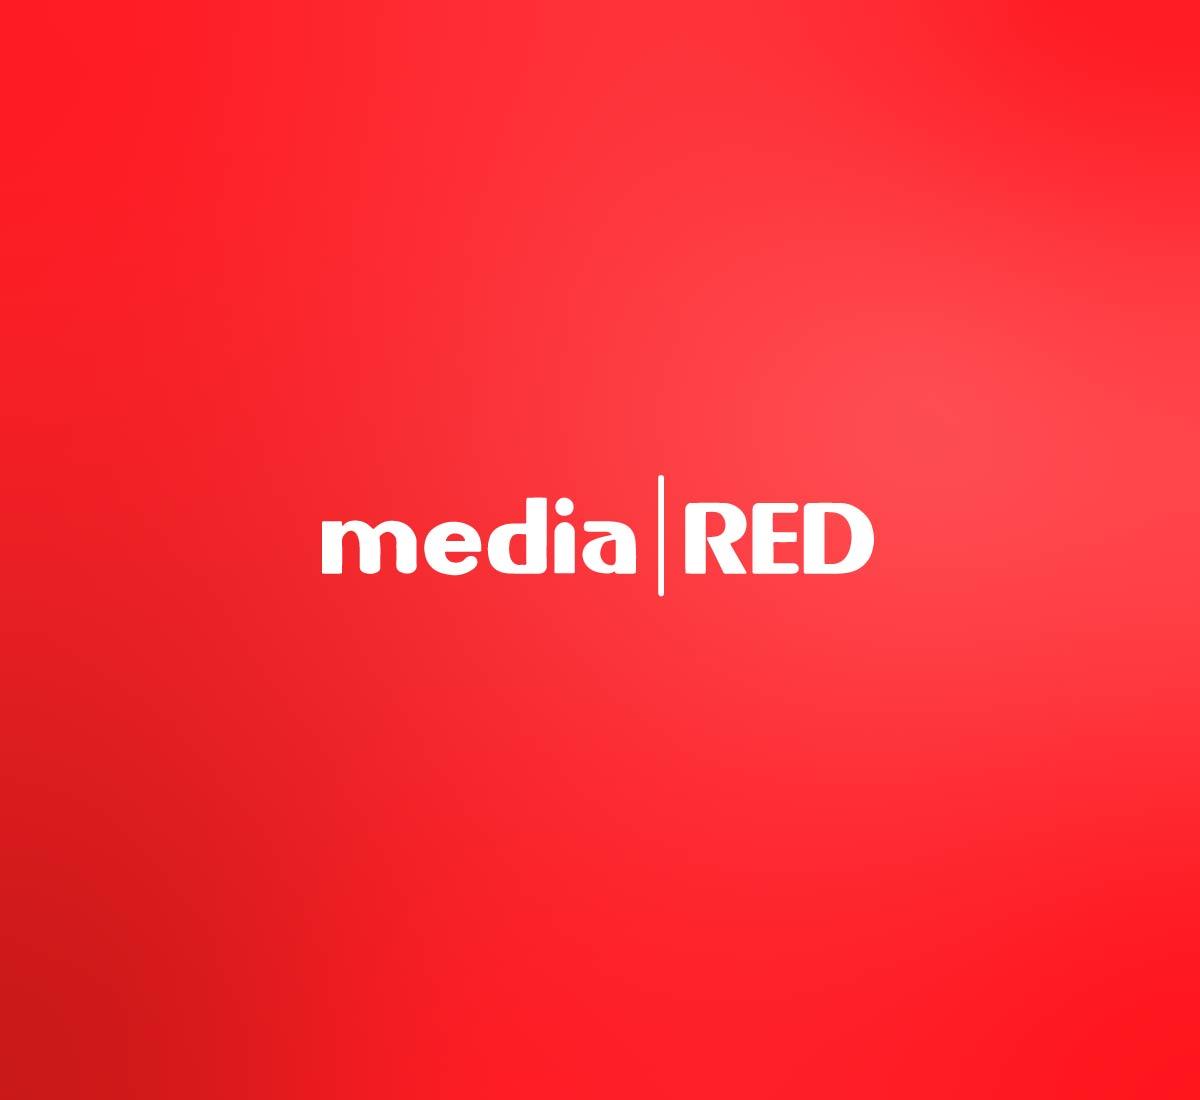 mediared logo